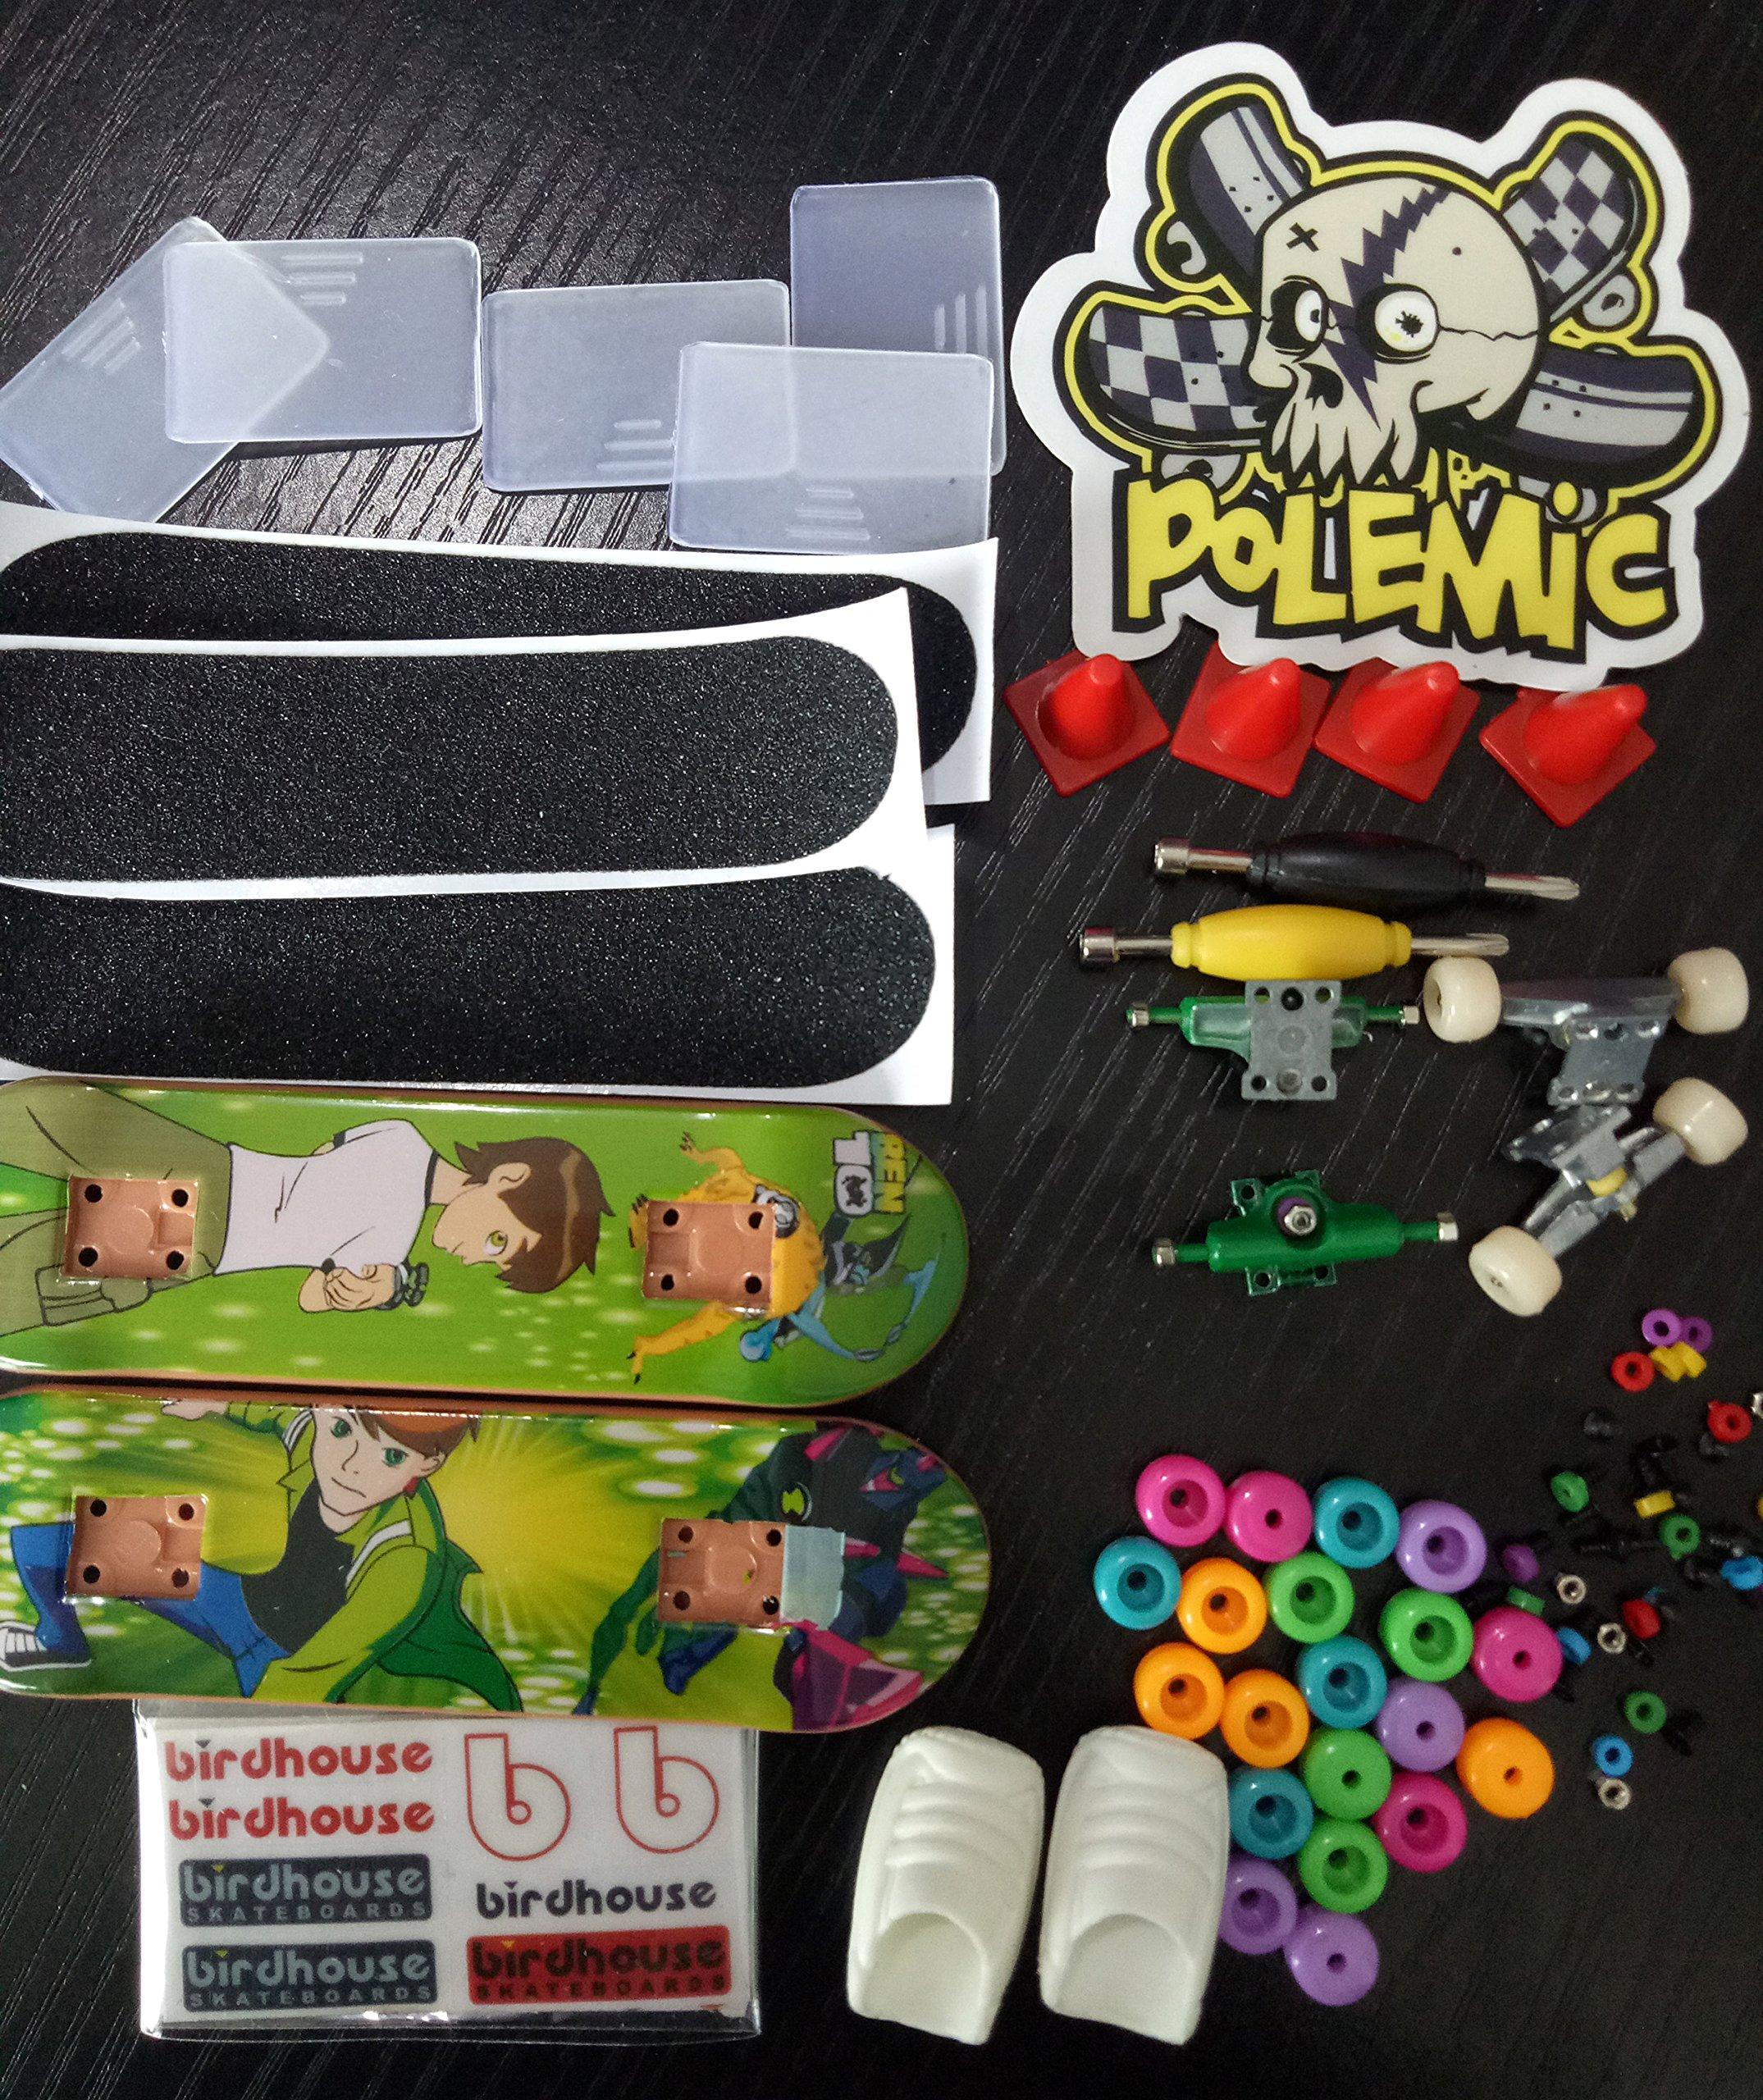 Fanci ABS Finger Skateboard Set Double Rocker DIY Mini Finger Boarding Toy with Storage Box by Fanci (Image #7)